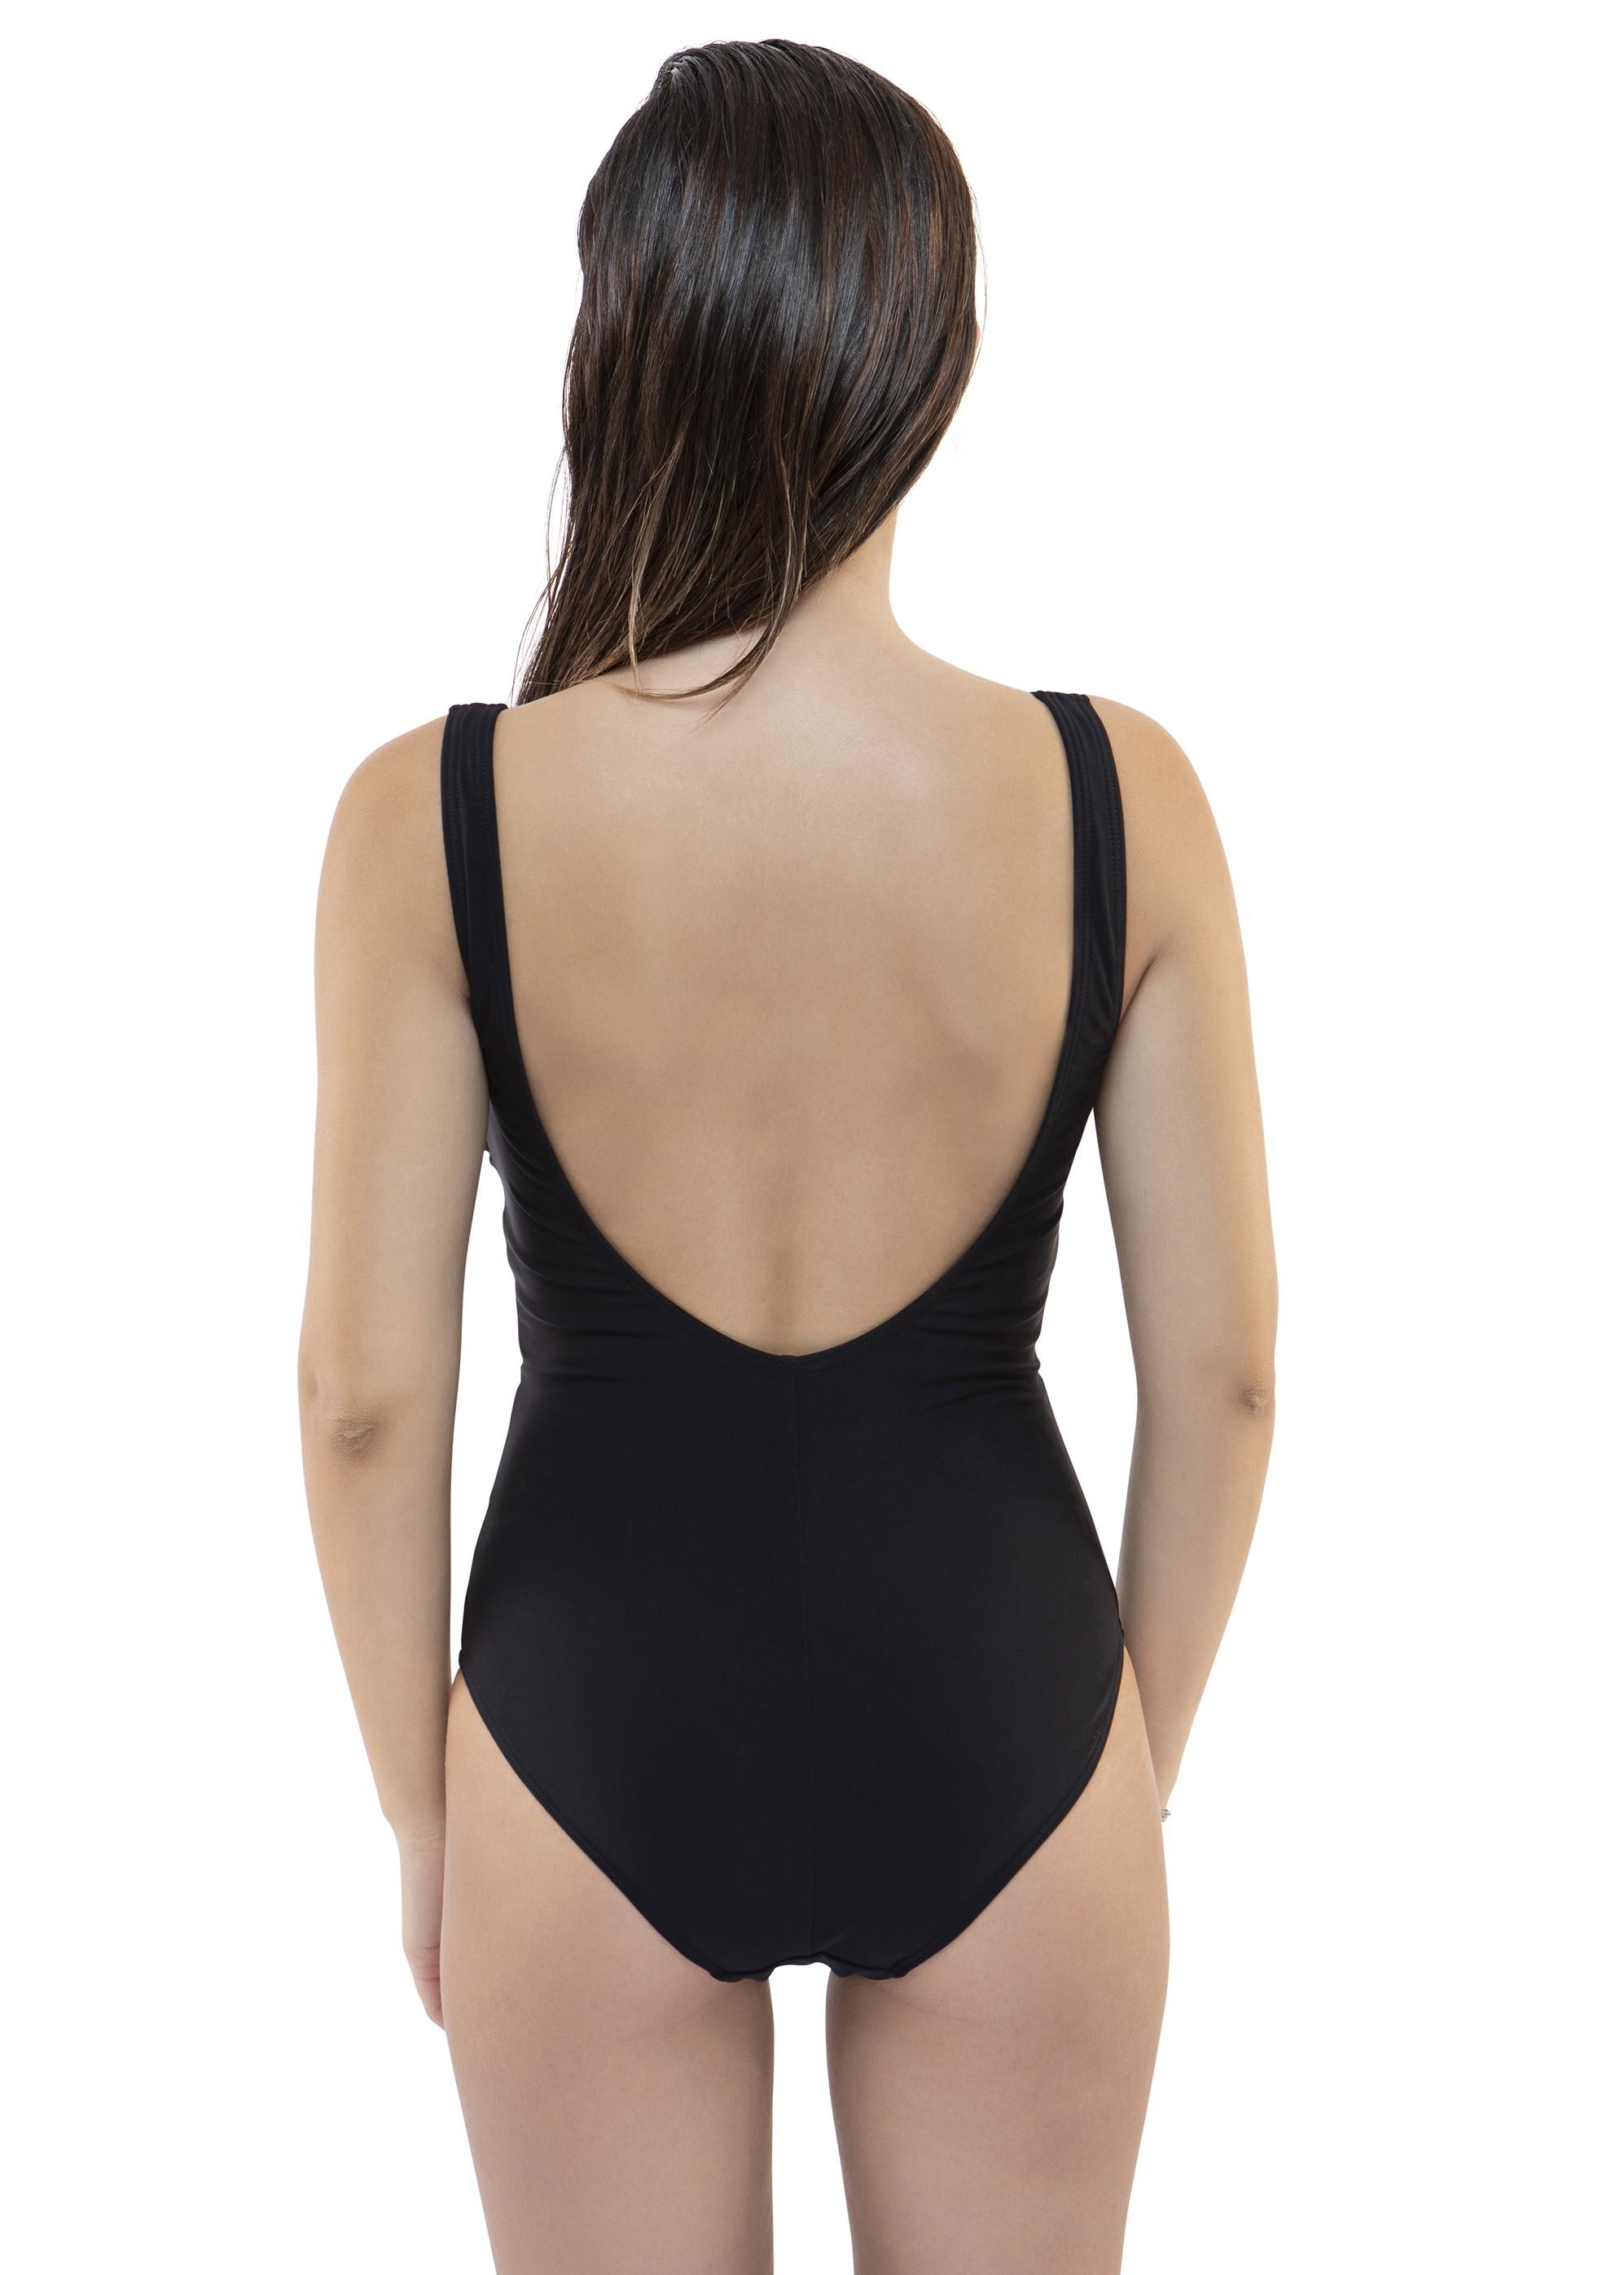 664035 בגד ים שלם עם איקסים (Swimsuit)